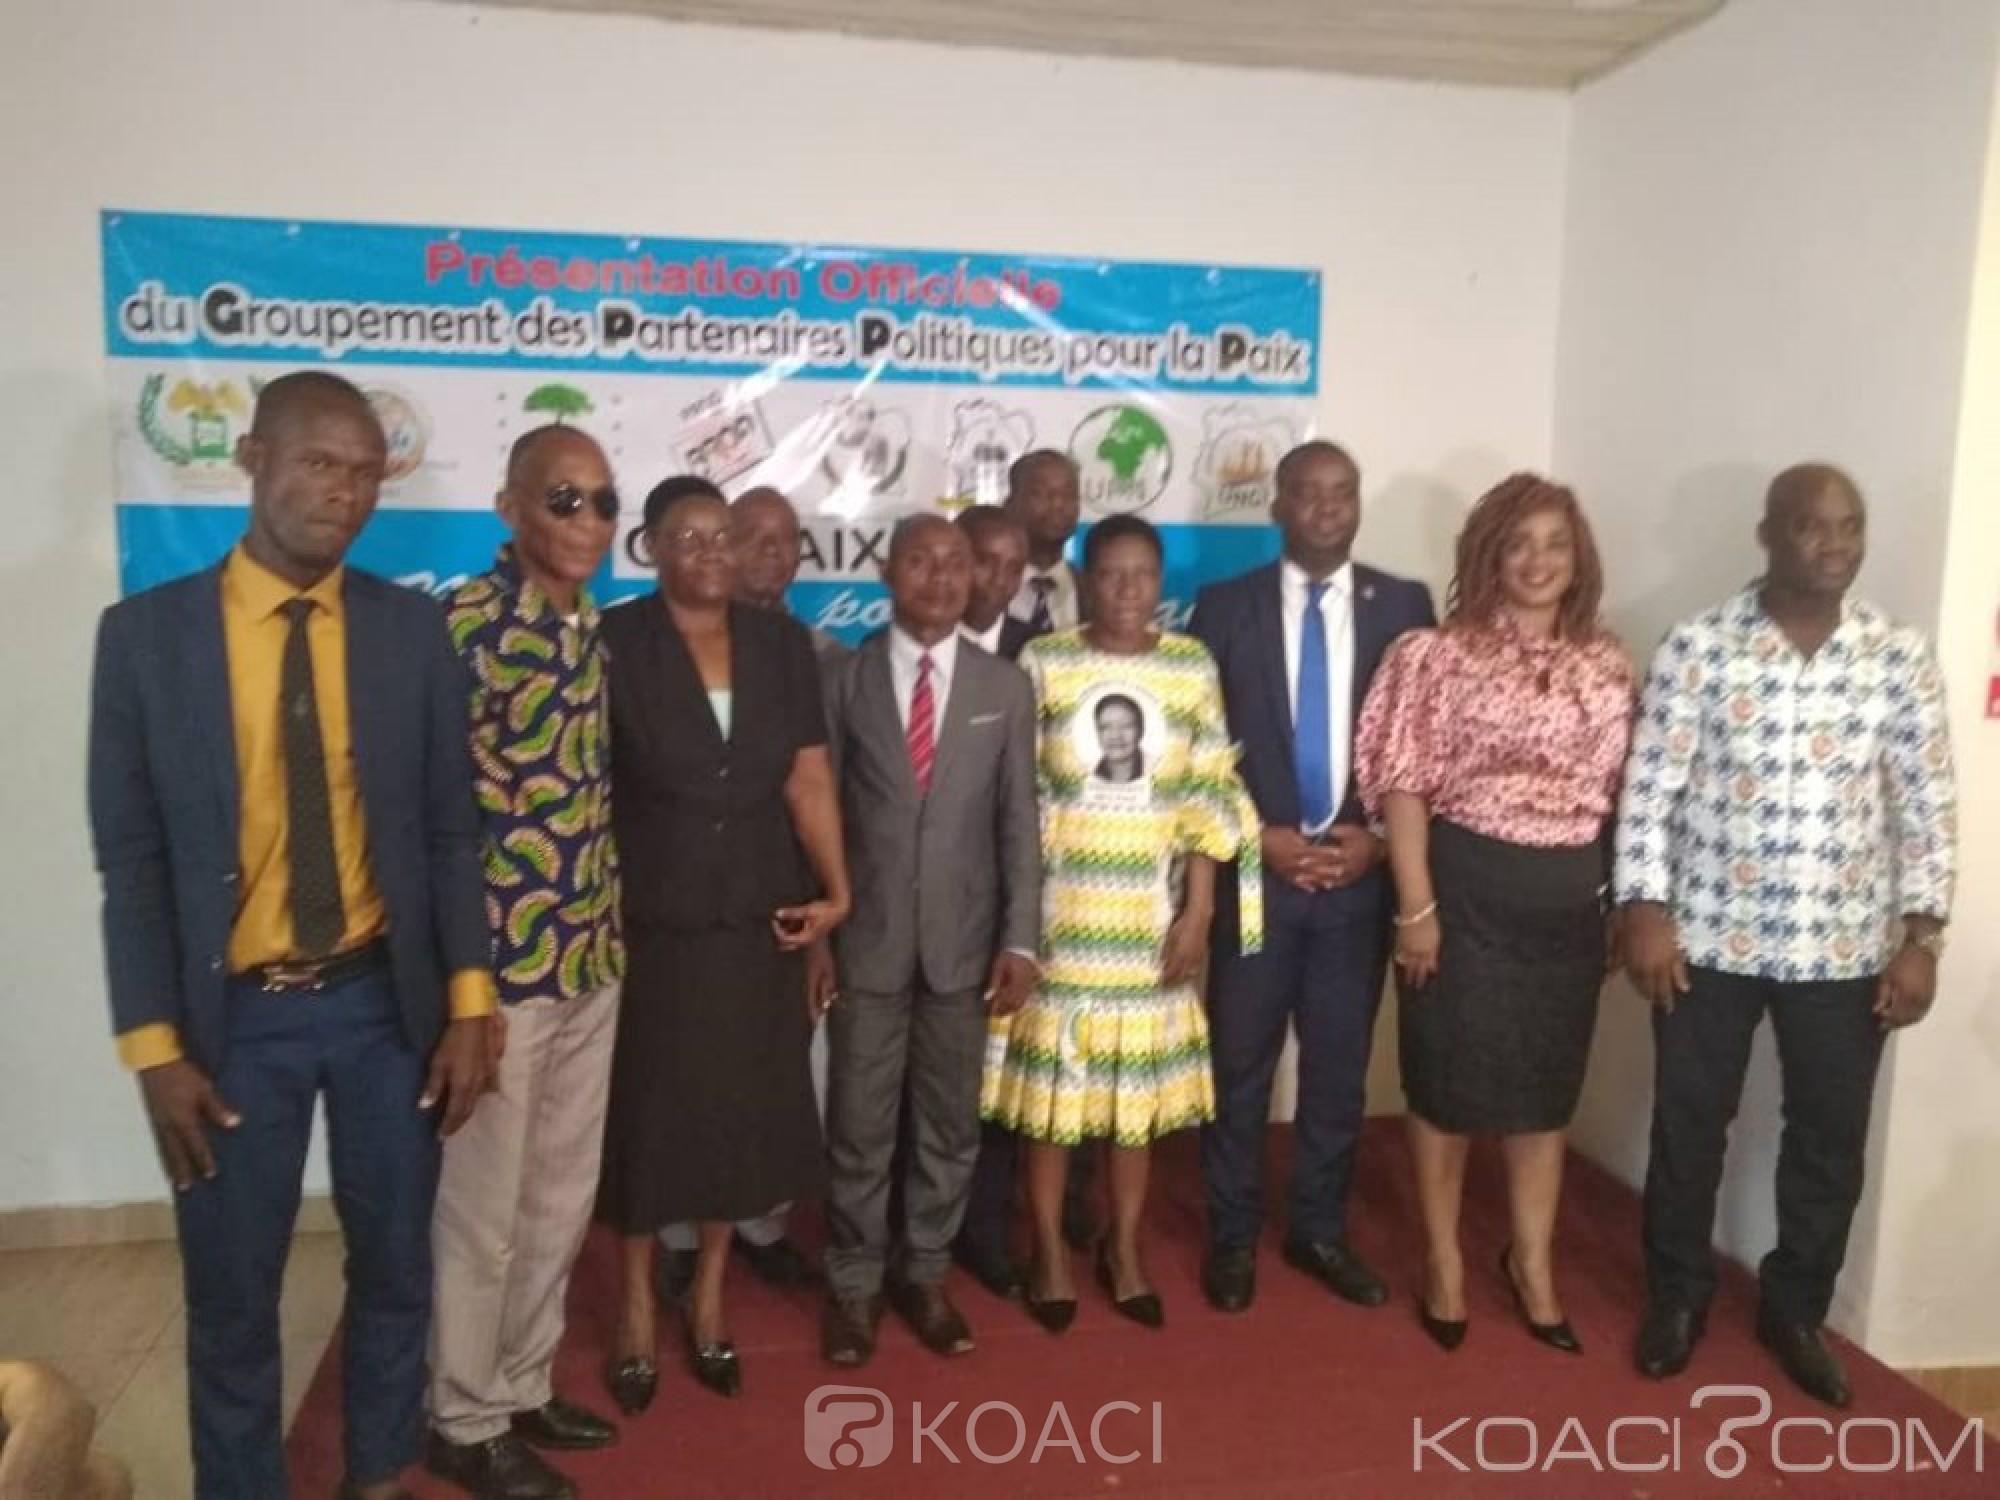 Côte d'Ivoire: Douze partis politiques d'oppositions prennent l'engagement de faire la promotion de la paix et de se détourner du langage de violence